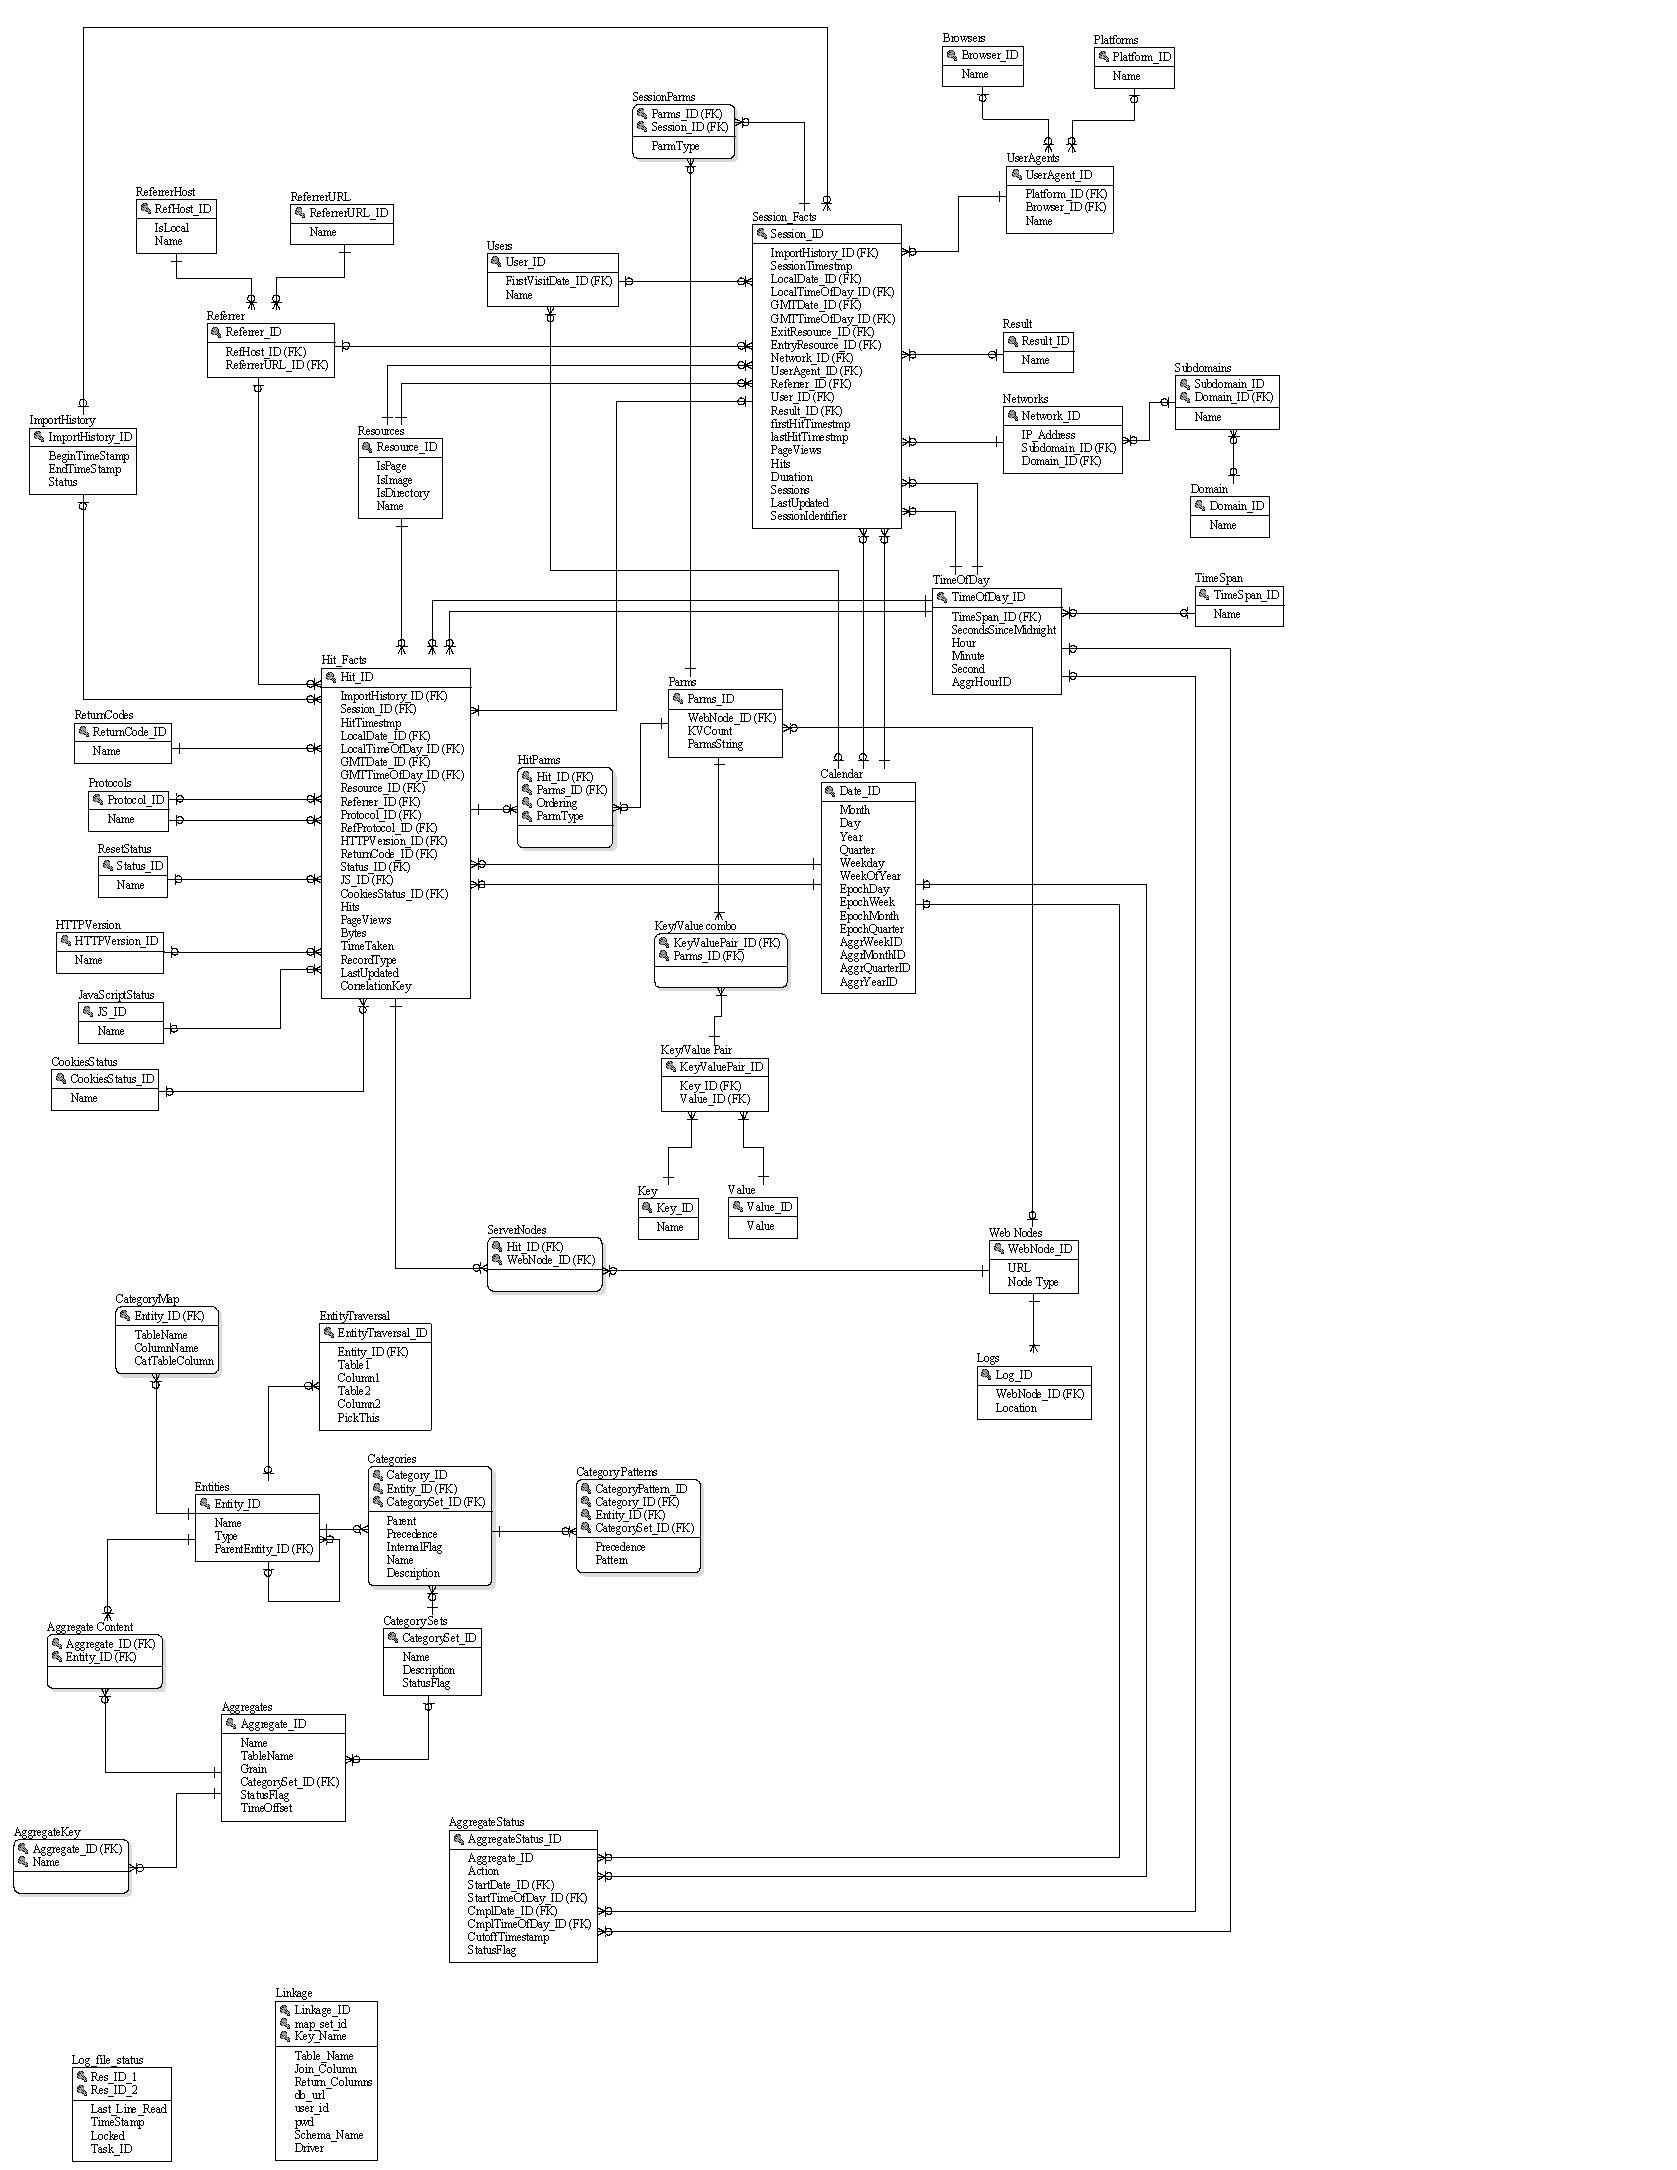 Feedback schema diagram on